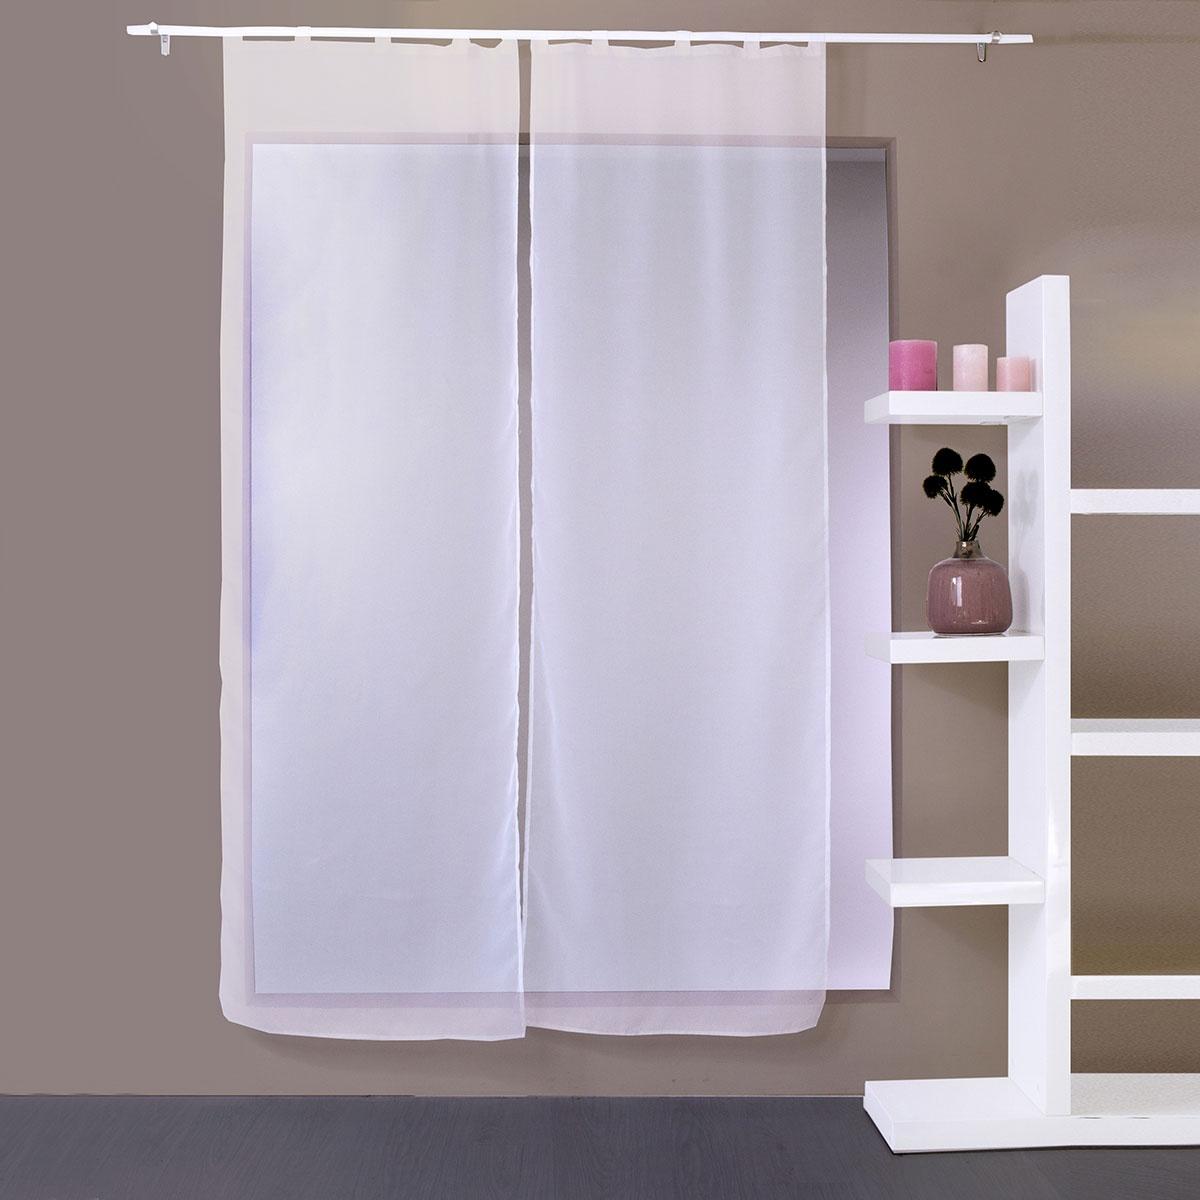 paire de vitrages droits 5 passants blanc homemaison vente en ligne tous les petits voilages. Black Bedroom Furniture Sets. Home Design Ideas